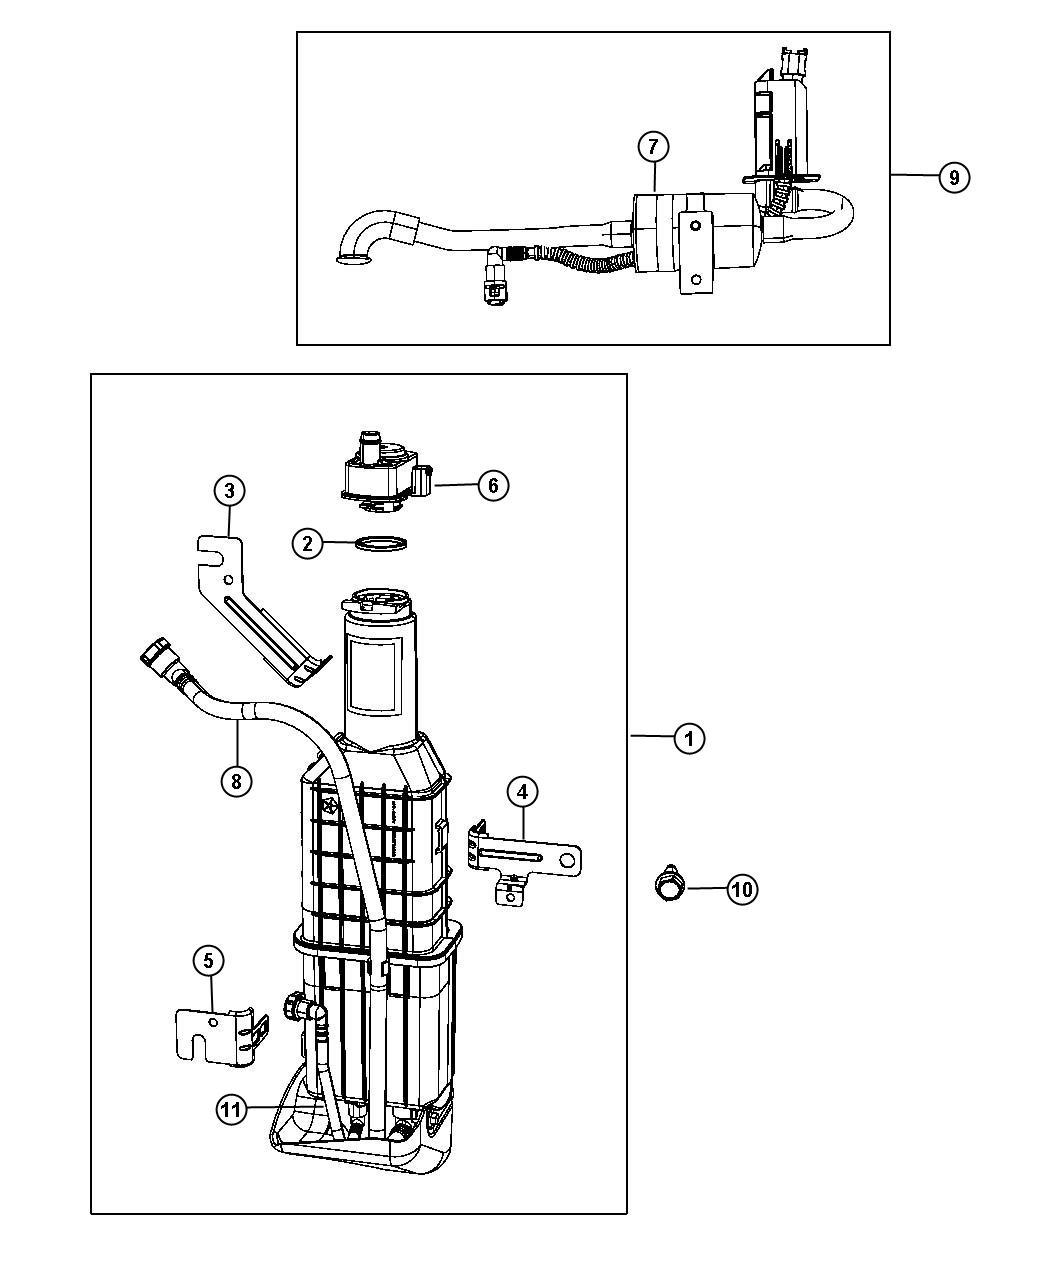 Chrysler Sebring Filter Fuel Vapor Vent Canister Leak Pump